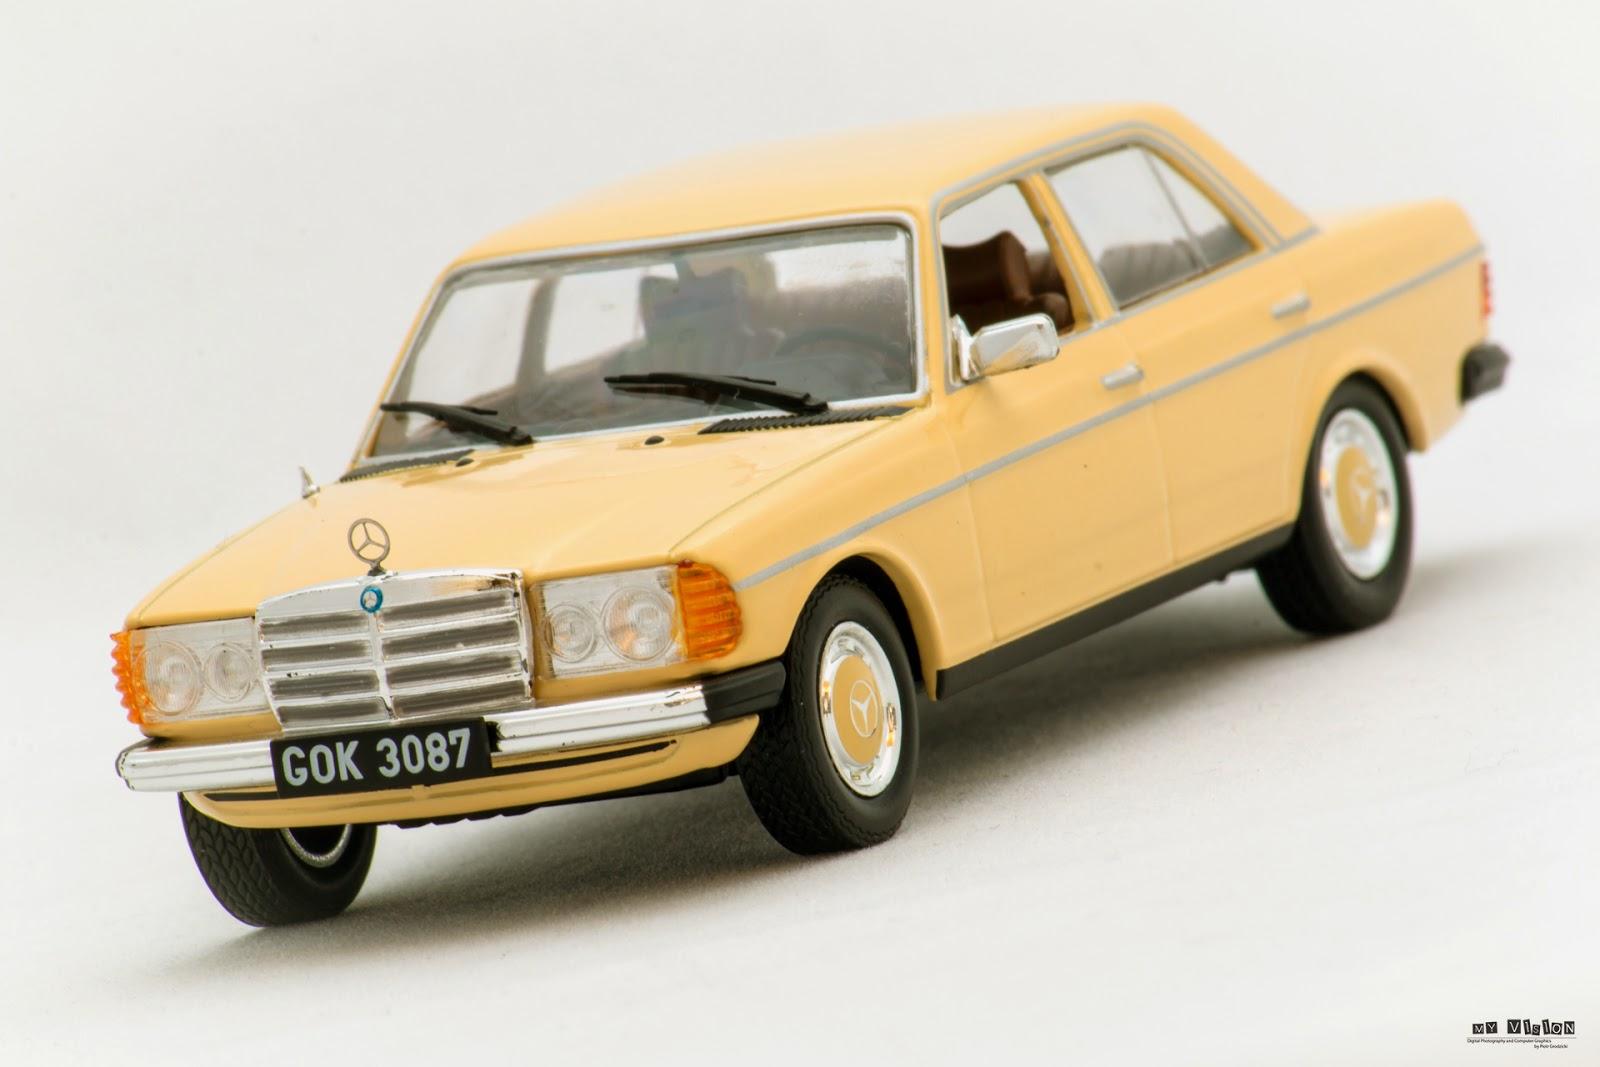 Miniautohobby mercedes benz w123 300d for Mercedes benz w123